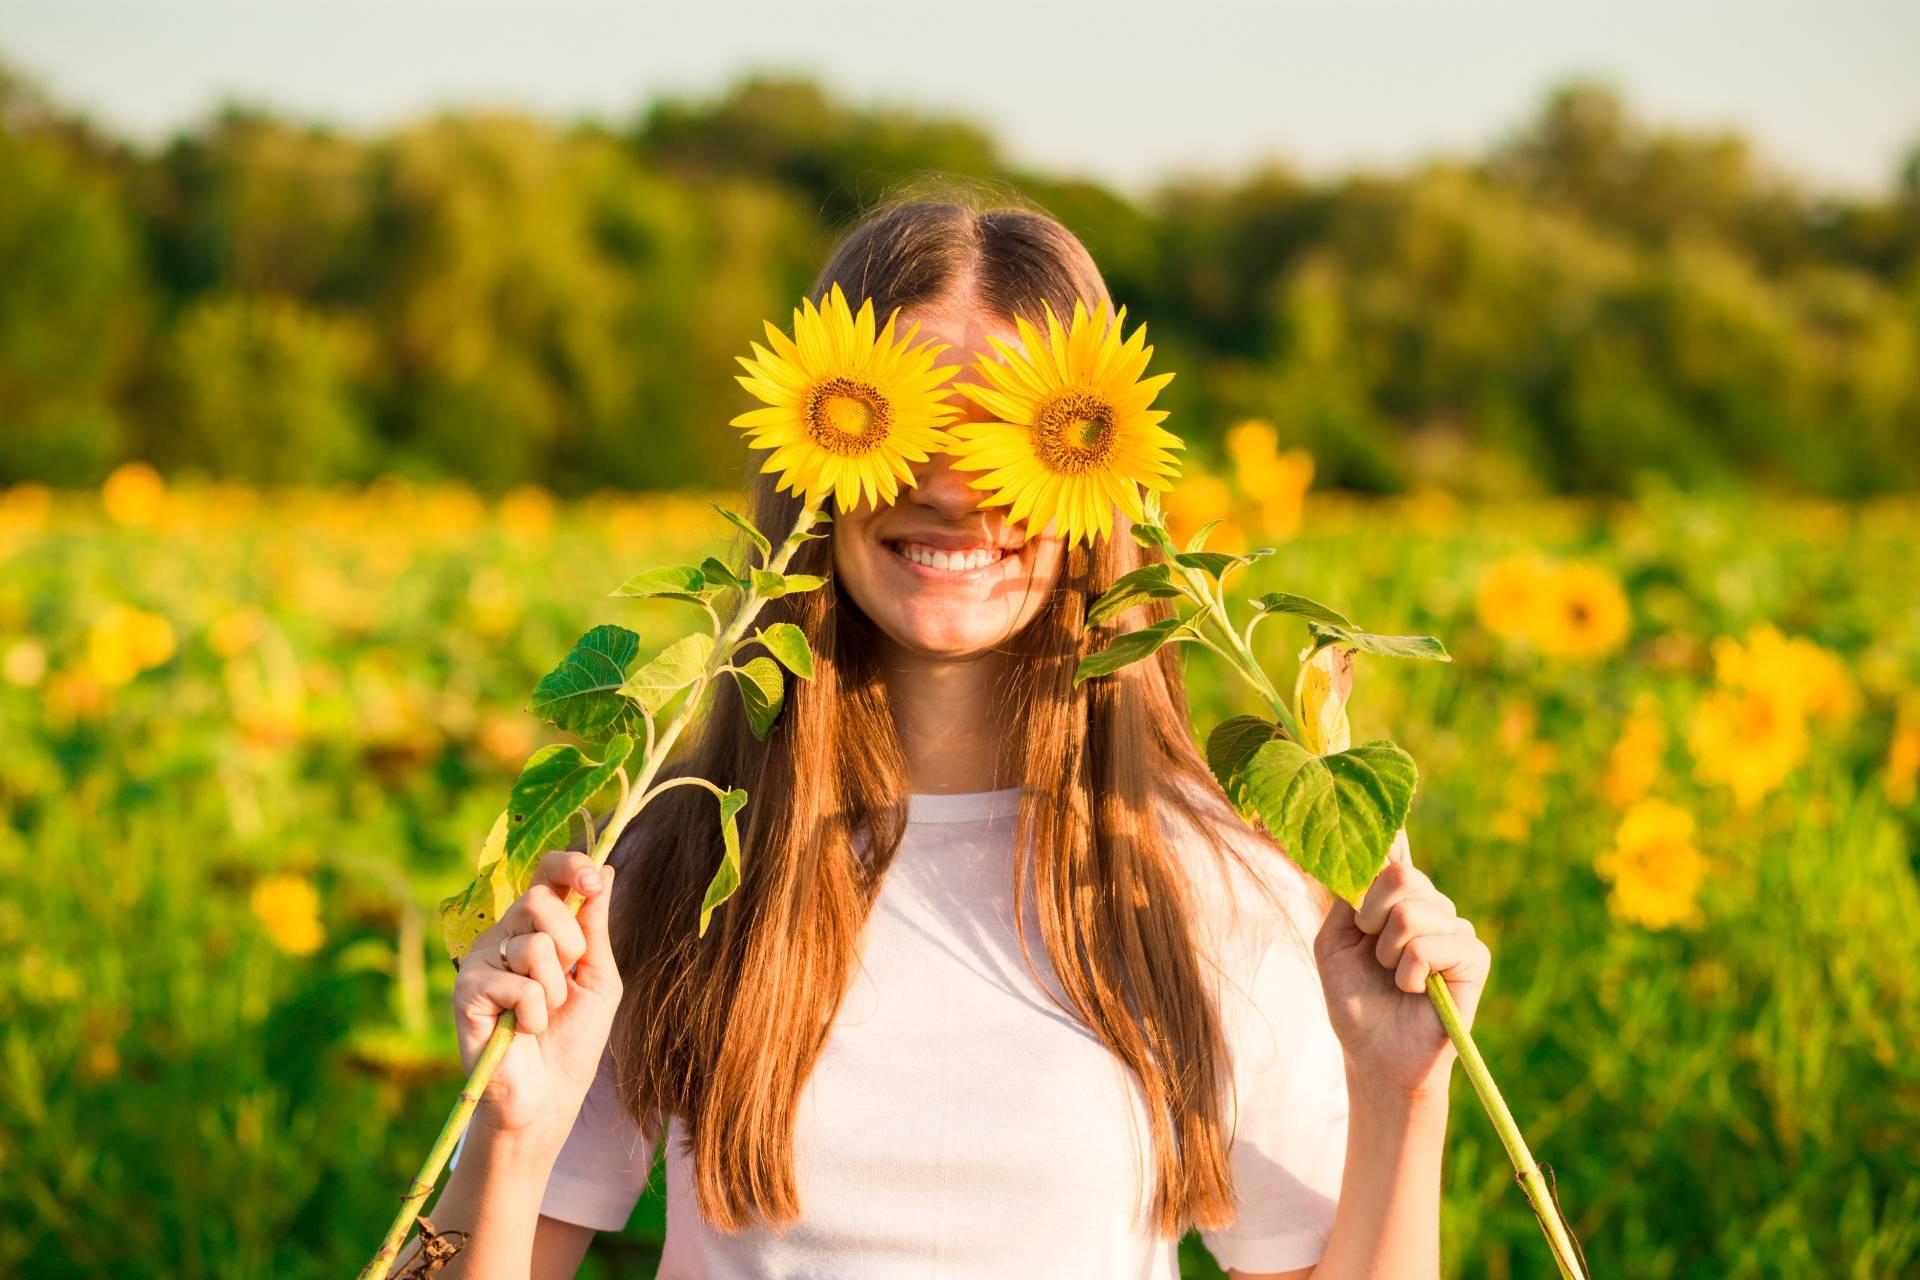 Alergia na pyłki - jak ją pokonać? Uśmiechnięta dziewczyna stoi w polu słoneczników, trzymając w ręku dwa zerwane słoneczniki - przykłada je do twarzy w miejsce oczu.